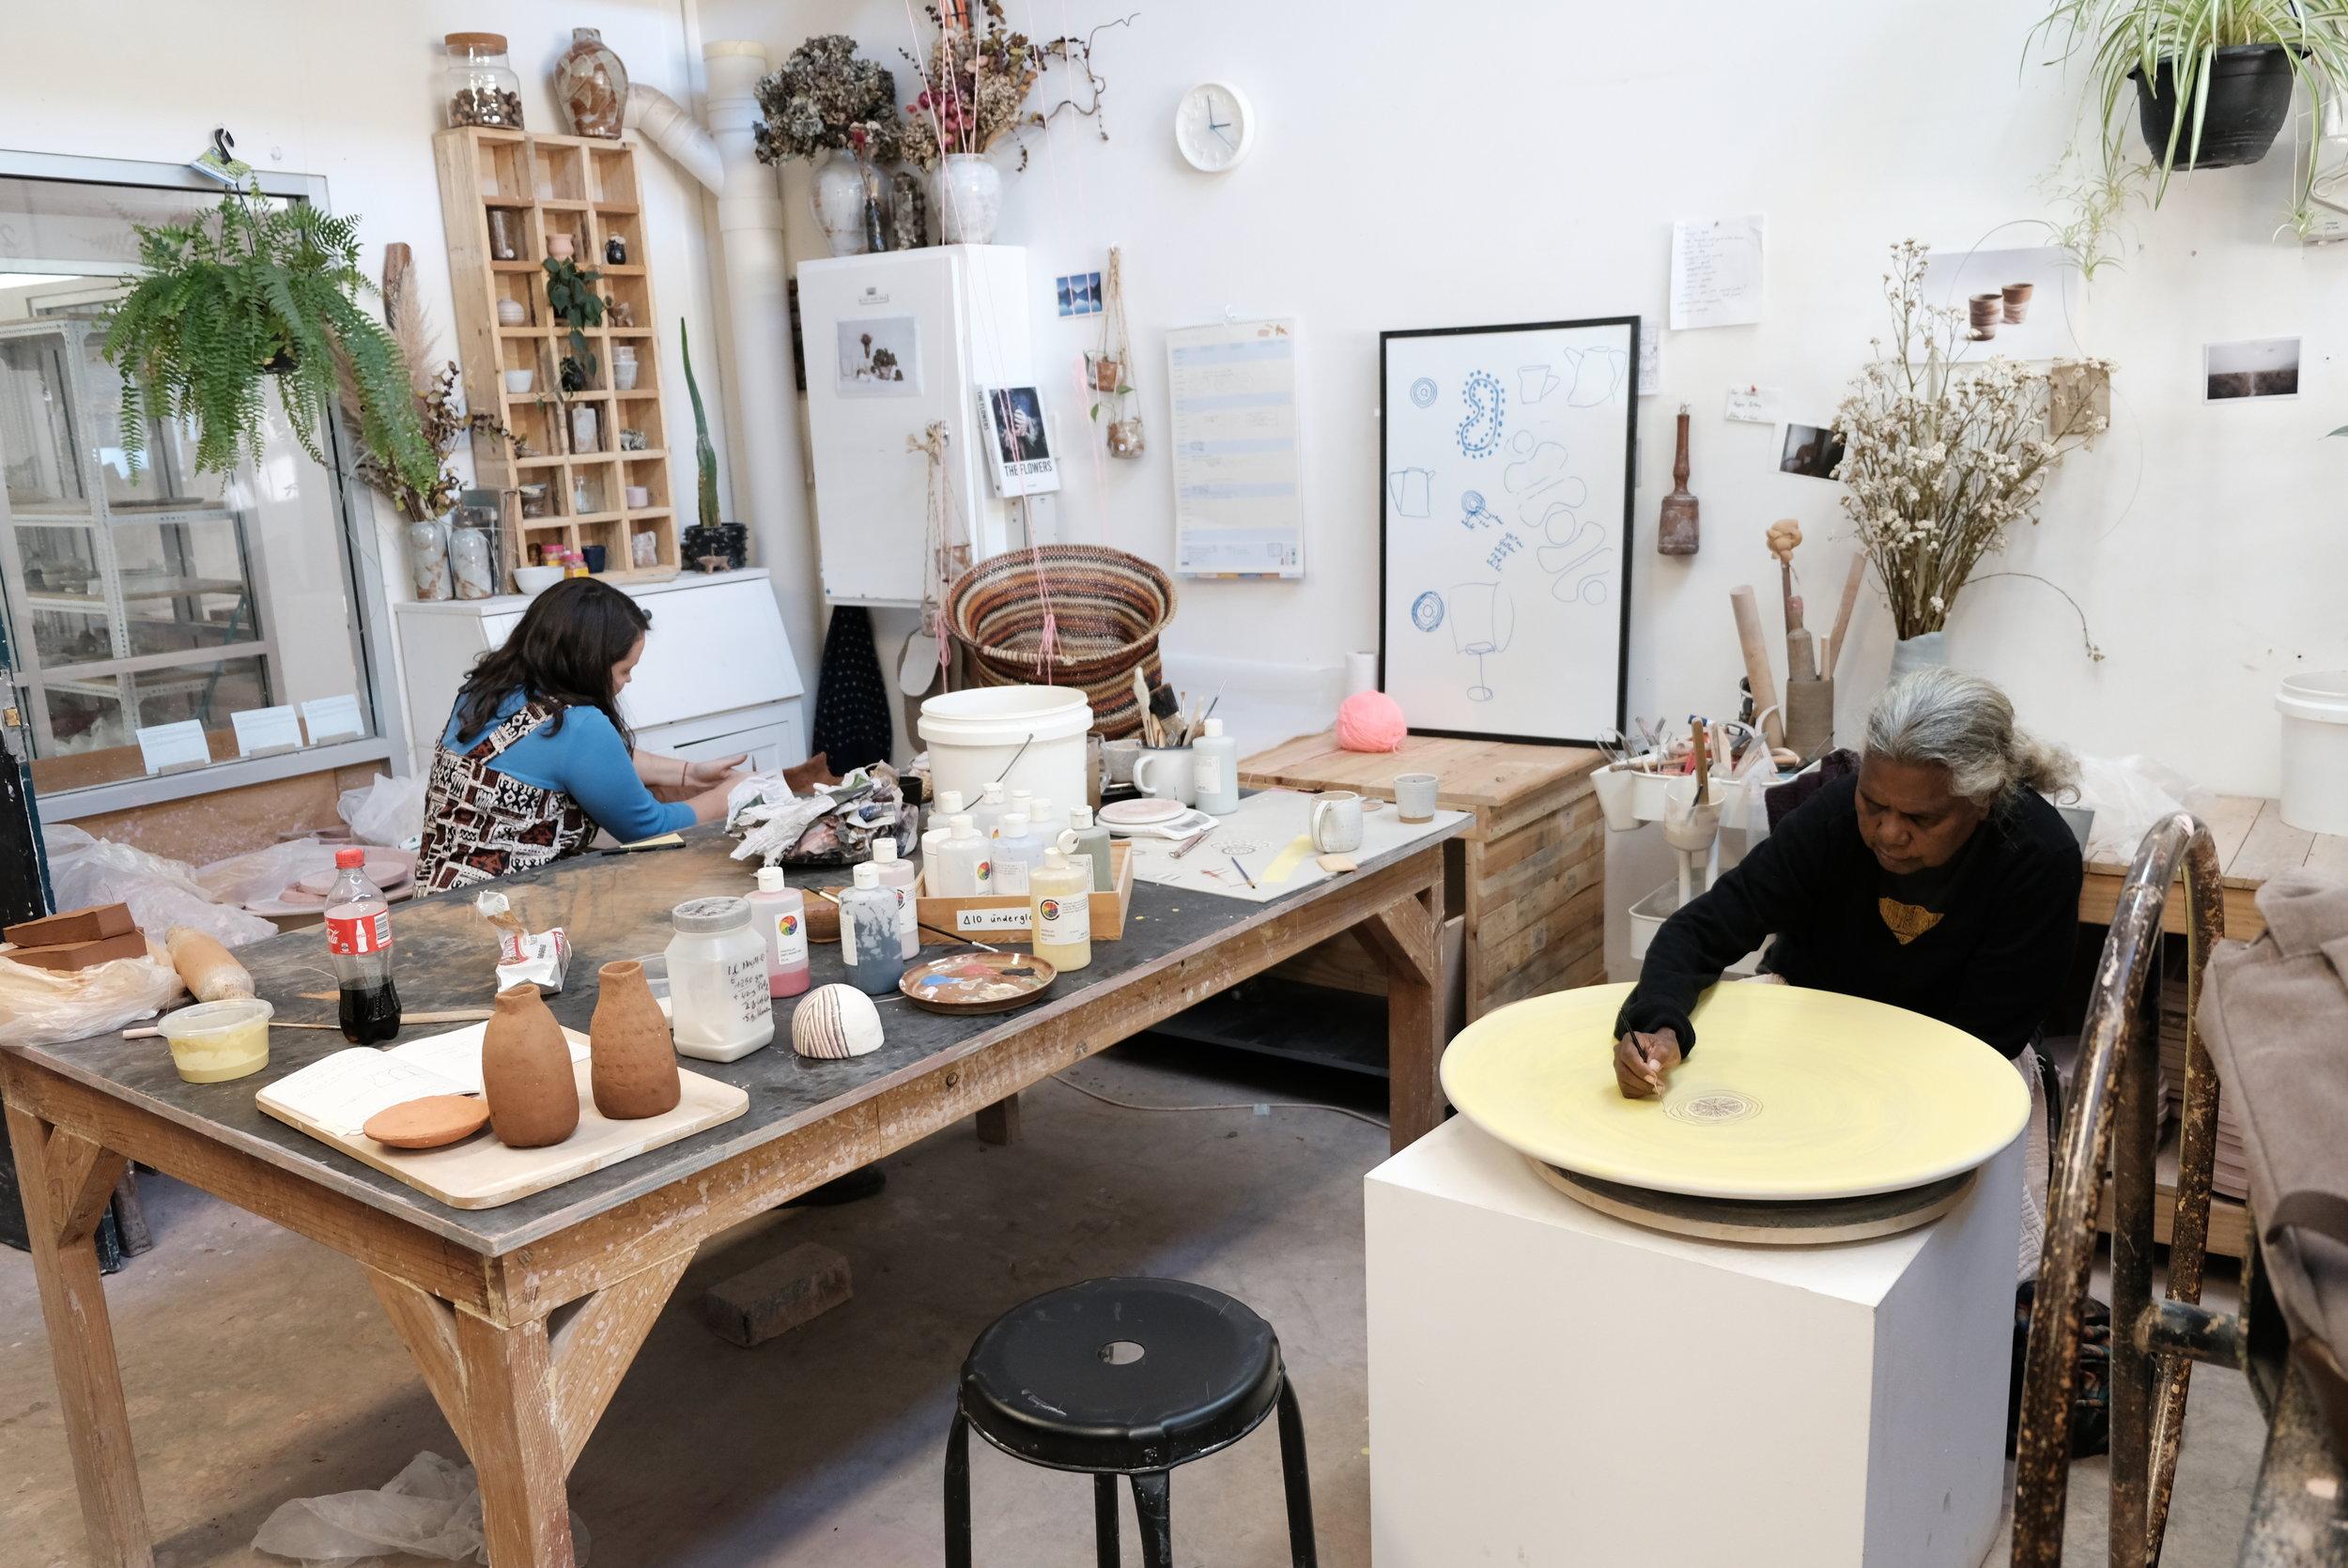 Regina and Ashlee at work in Ashlee's studio. Photo courtesy JamFactory.